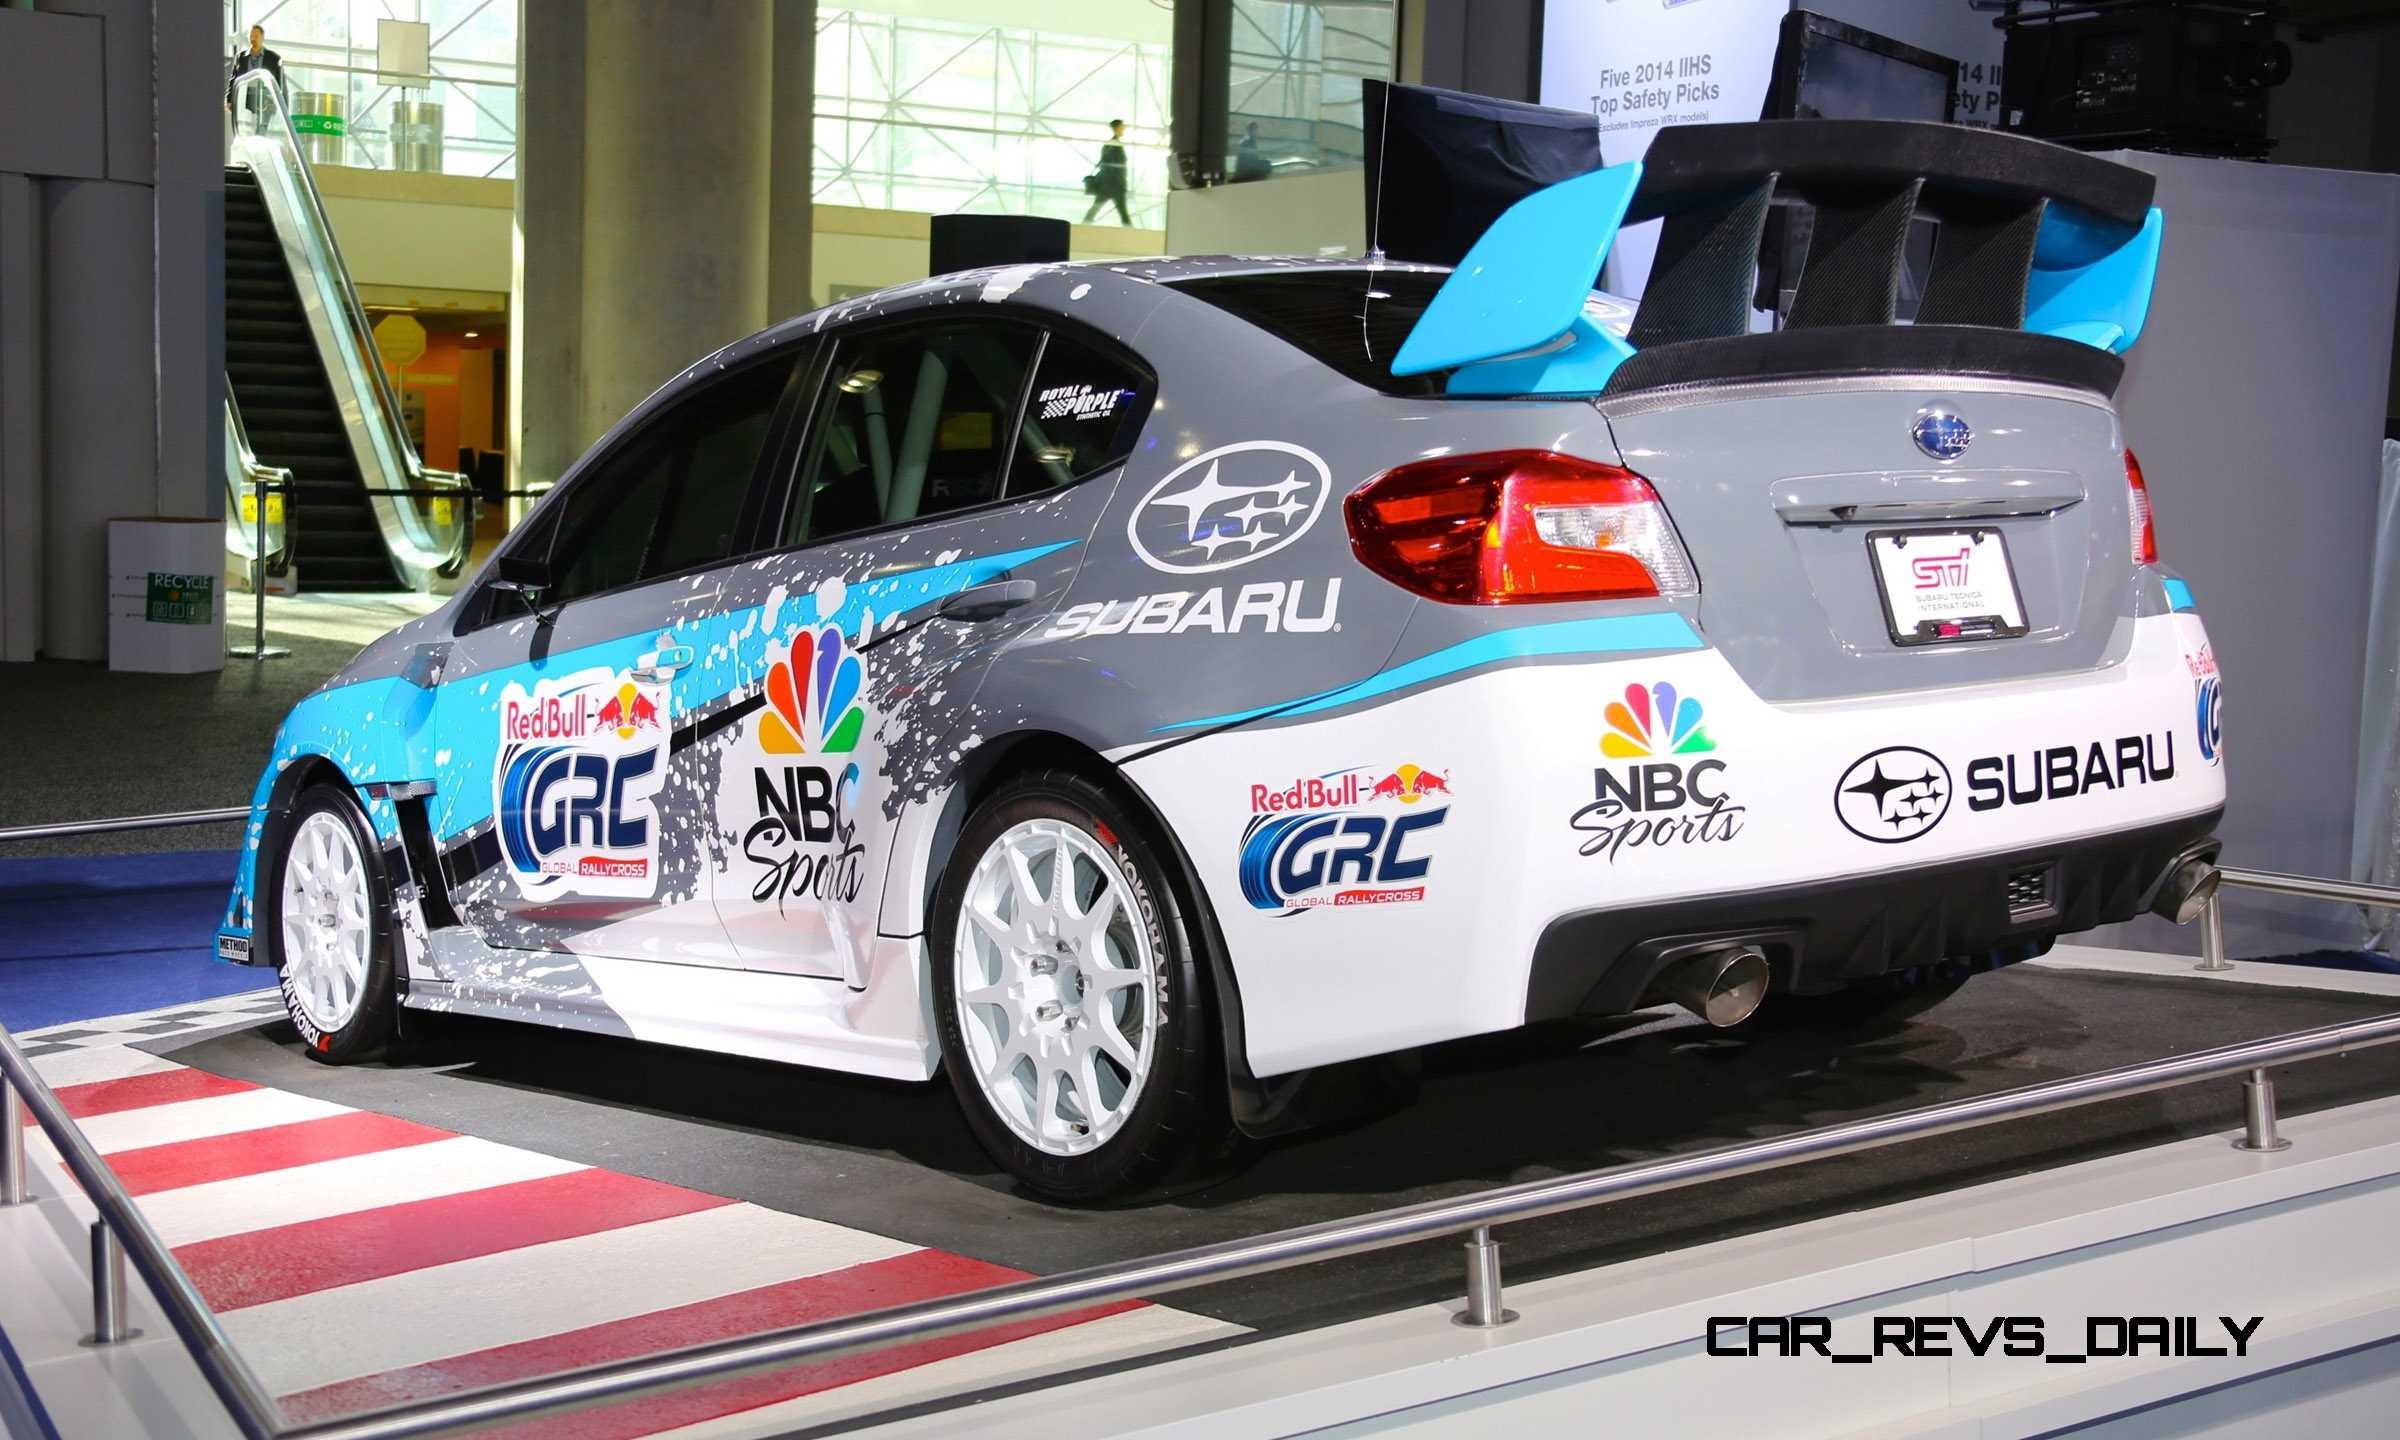 2015 subaru wrx sti rally racecars